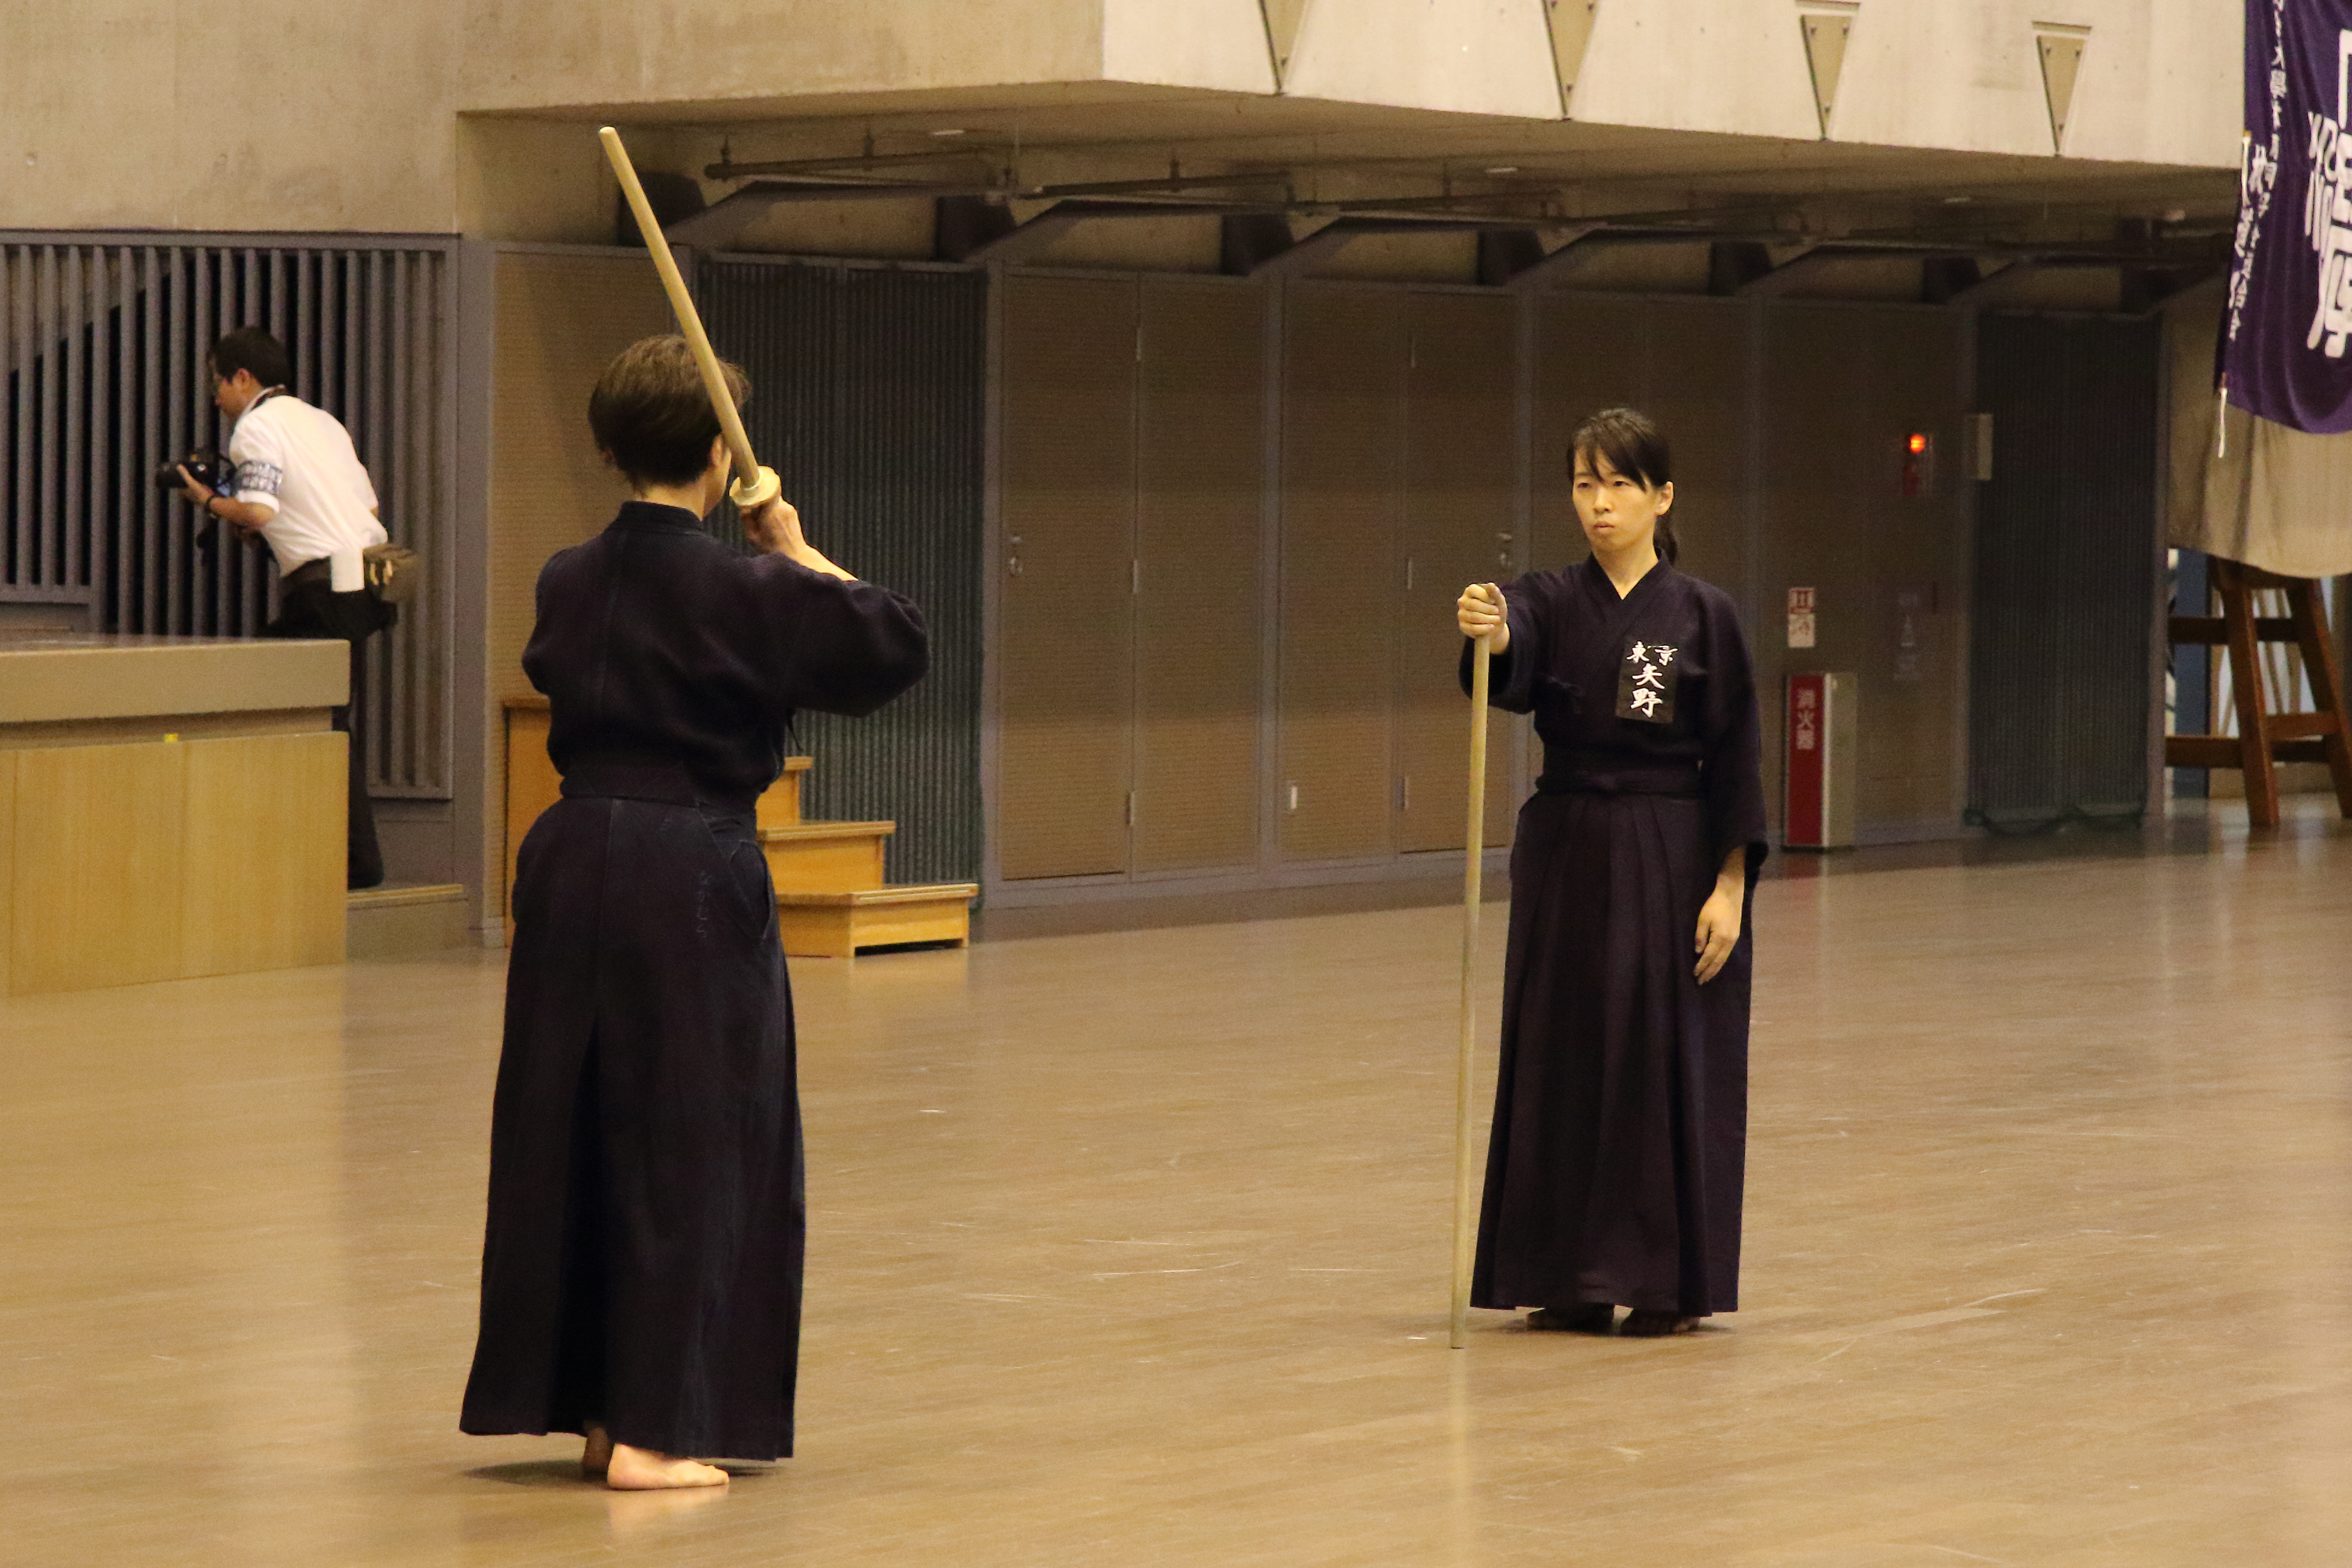 第27回東京都杖道大会&杖道祭